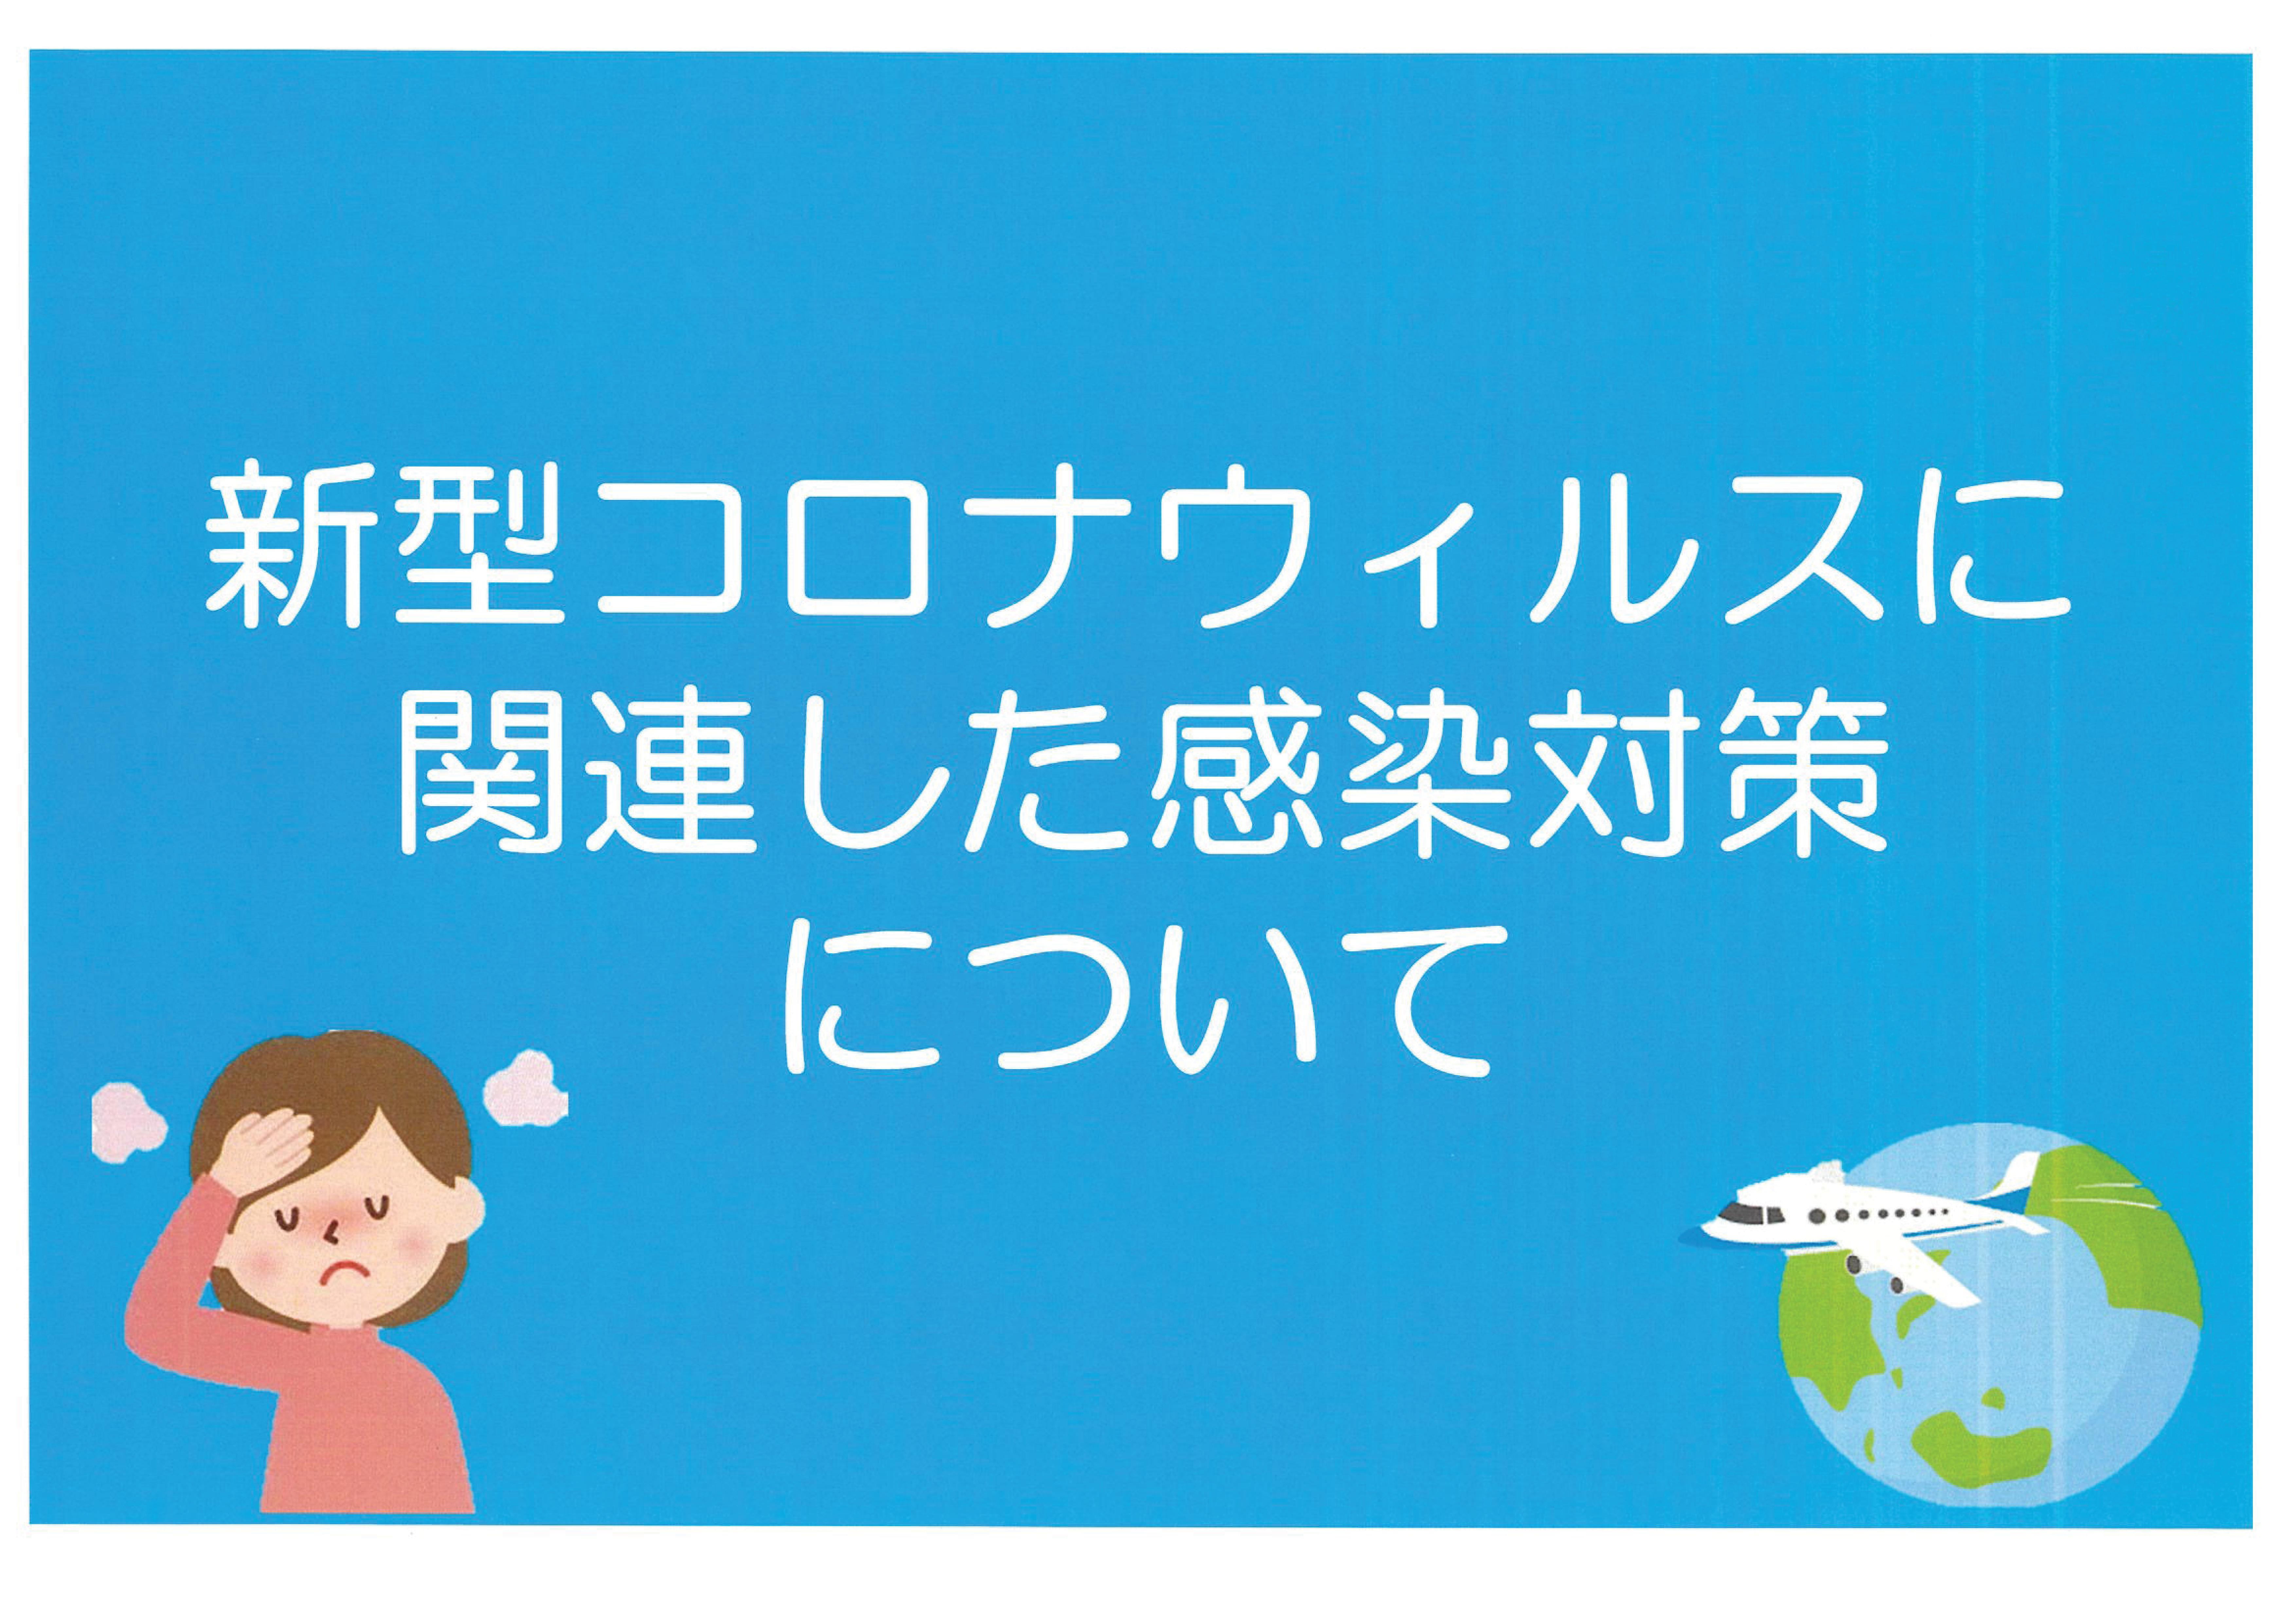 コロナ 感染 者 戸塚 数 区